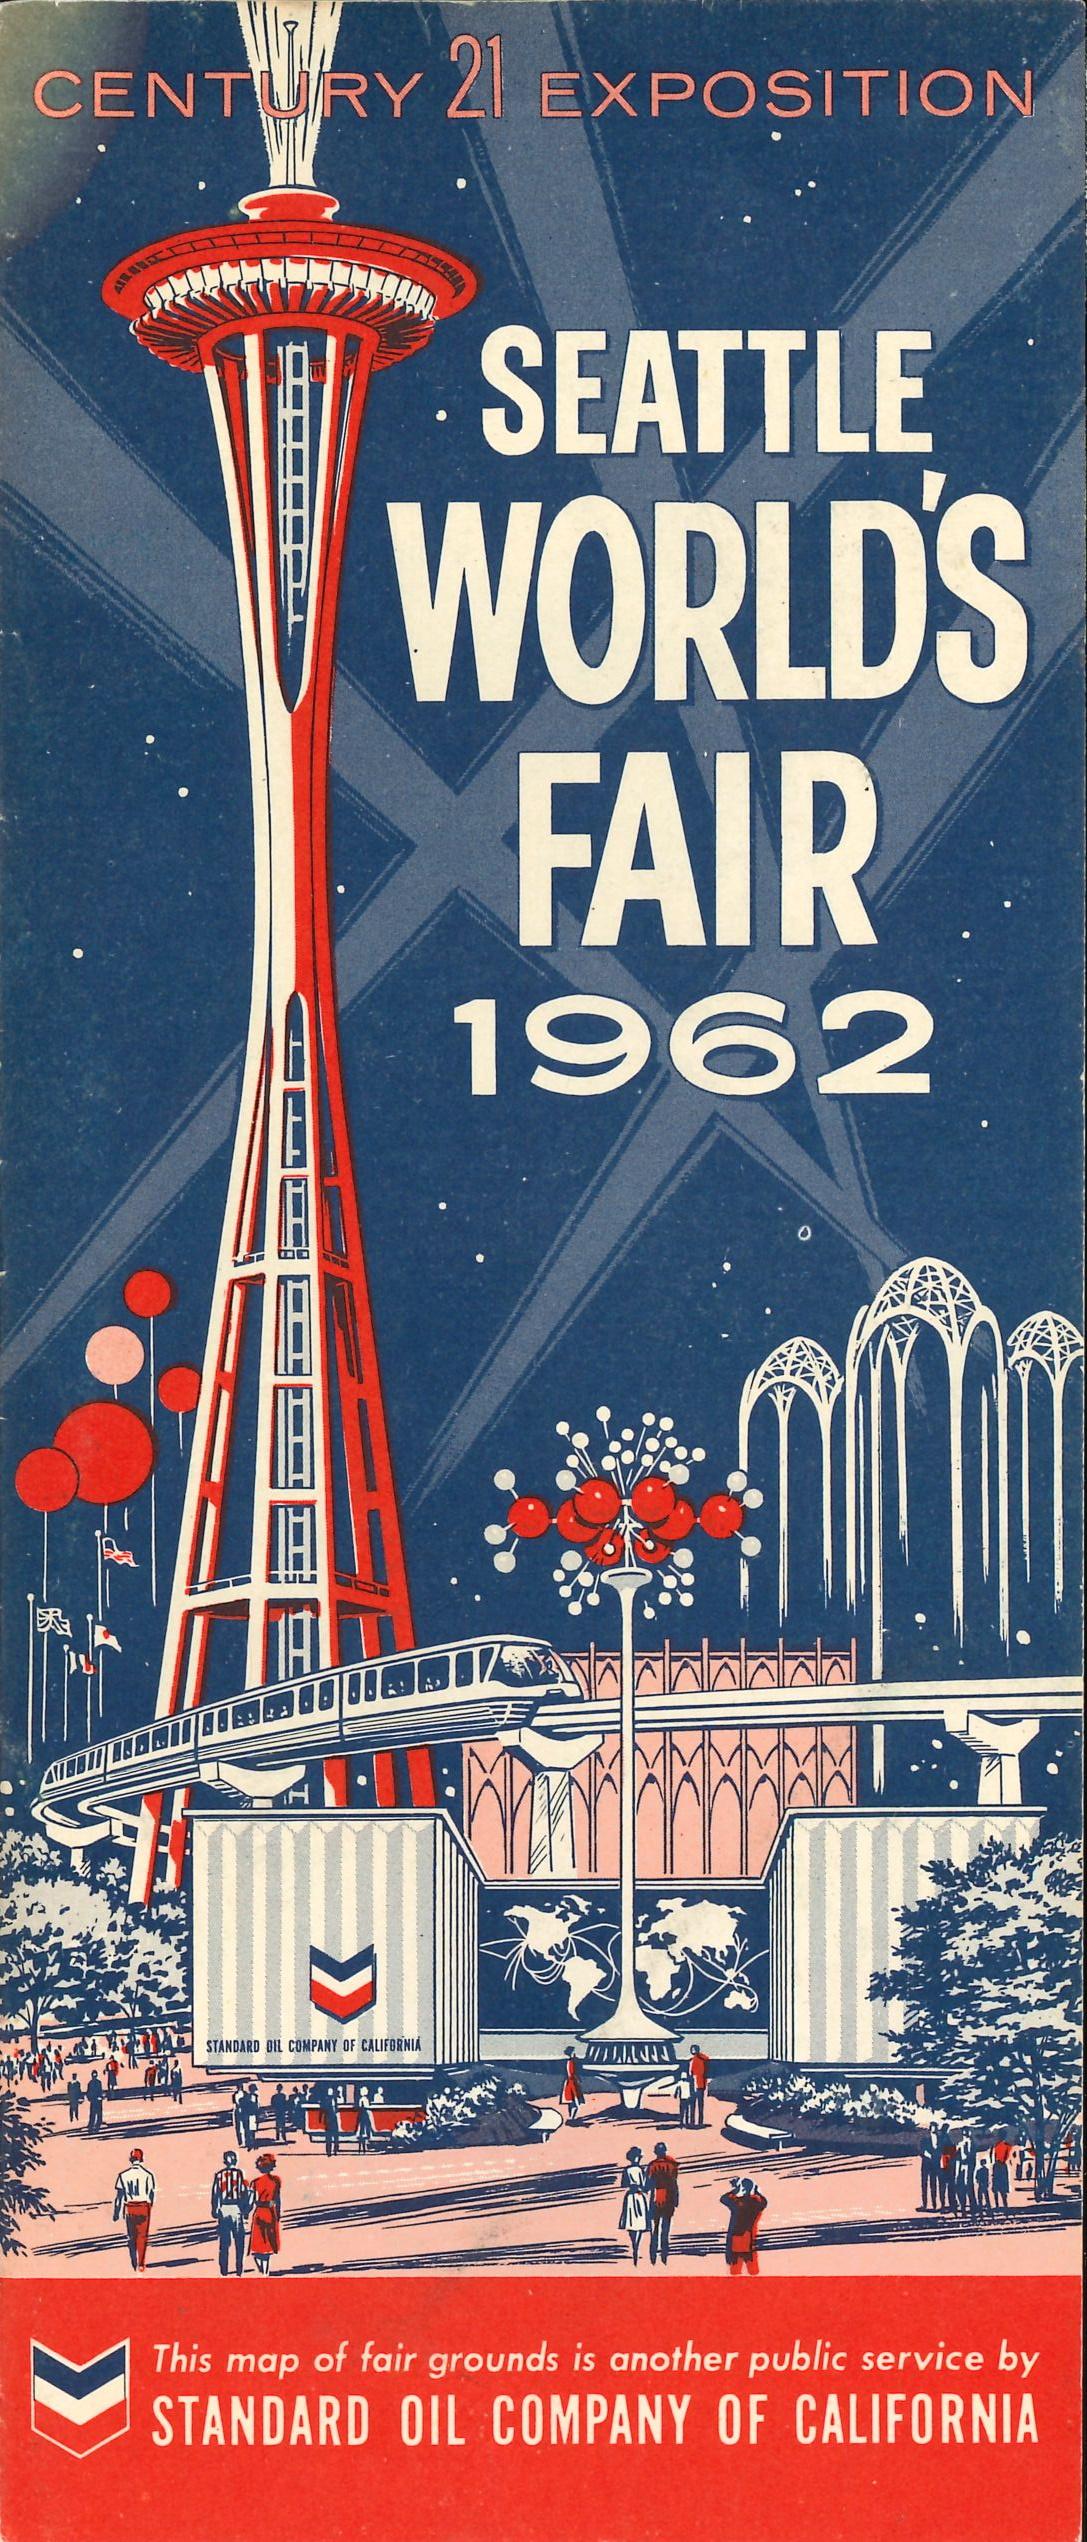 Standard Oil of California (Chevron) Century 21 Exposition Seattle World's Fair map - Seattle, Washington U.S.A. - 1962